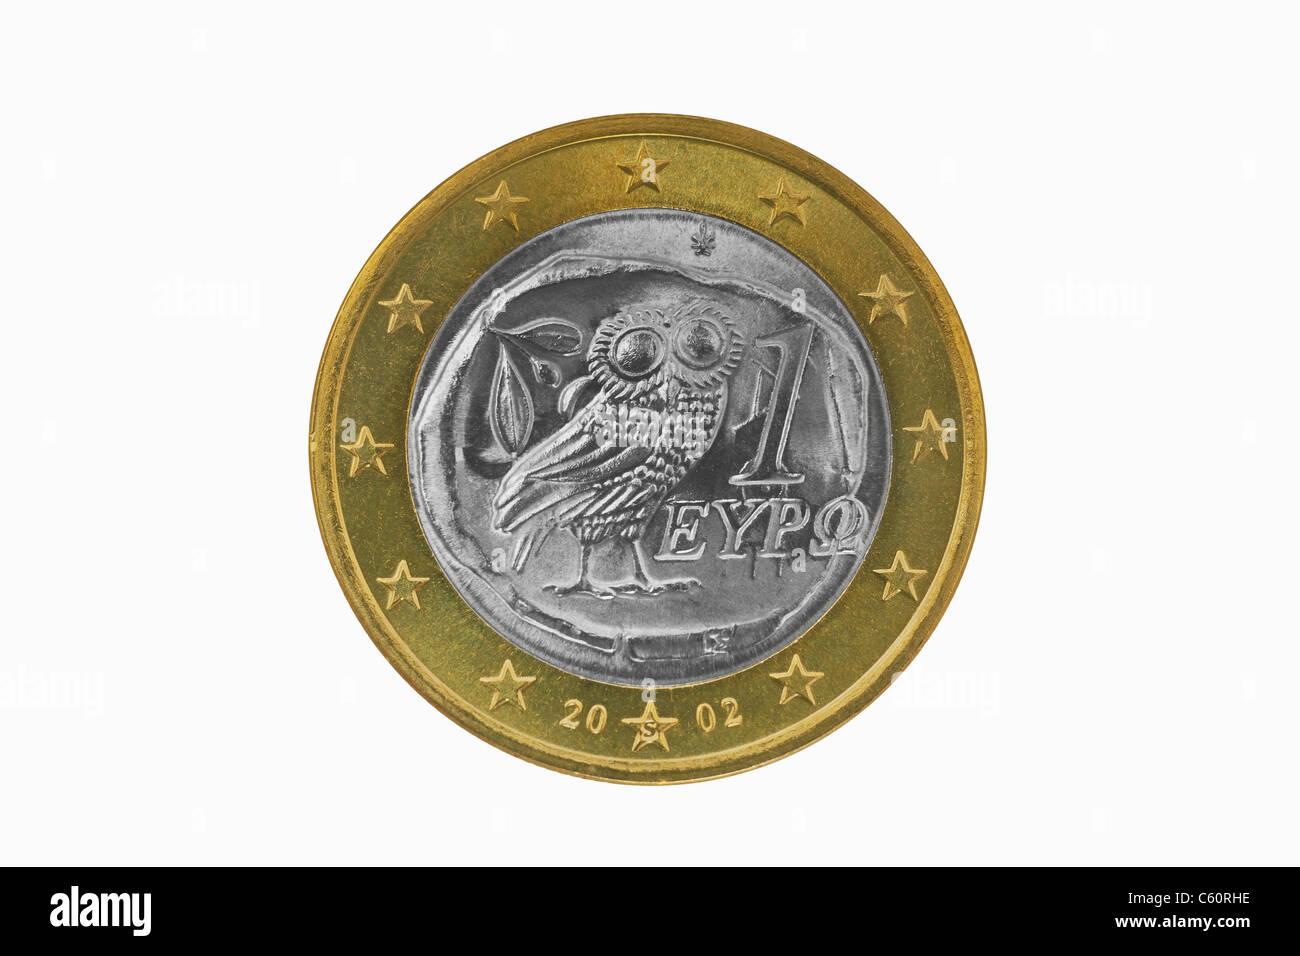 Detailansicht Der Rückseite Einer 1 Euro Münze Aus Griechenland